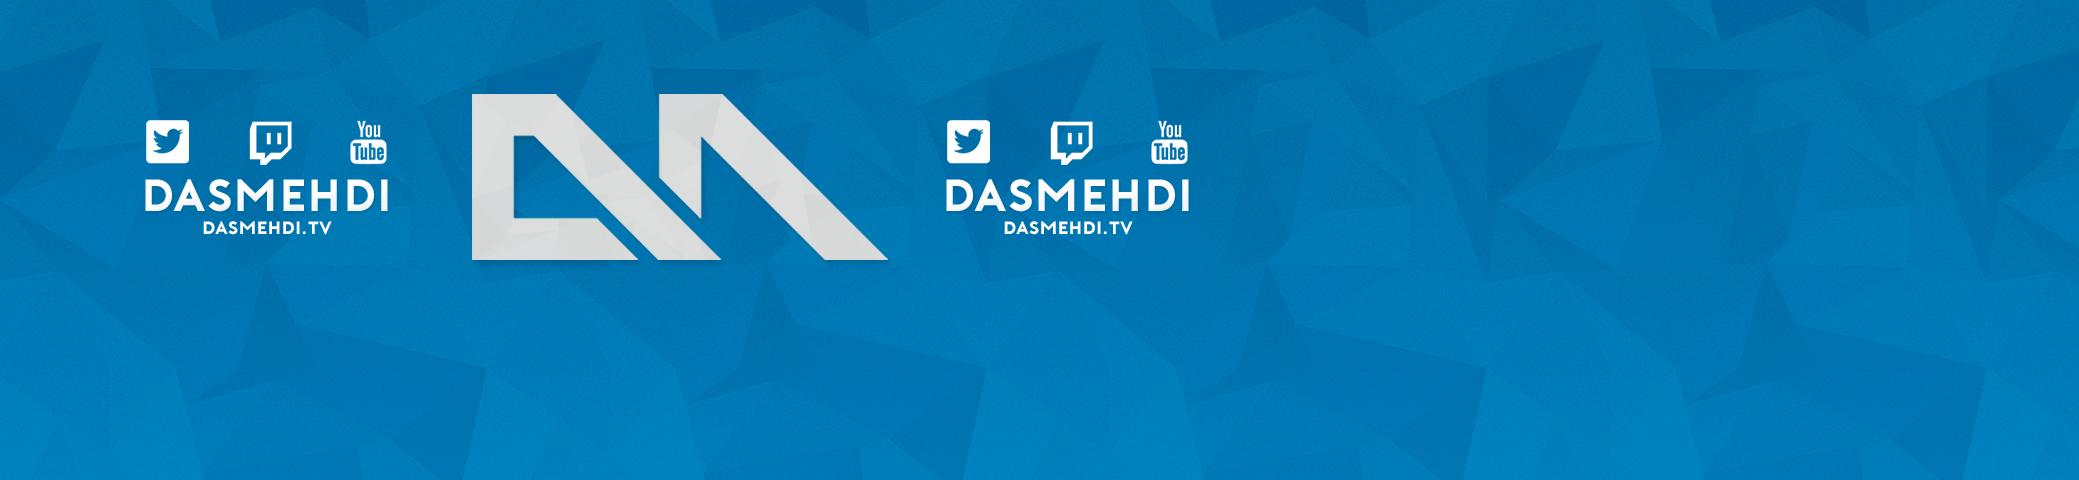 DasMEHDI